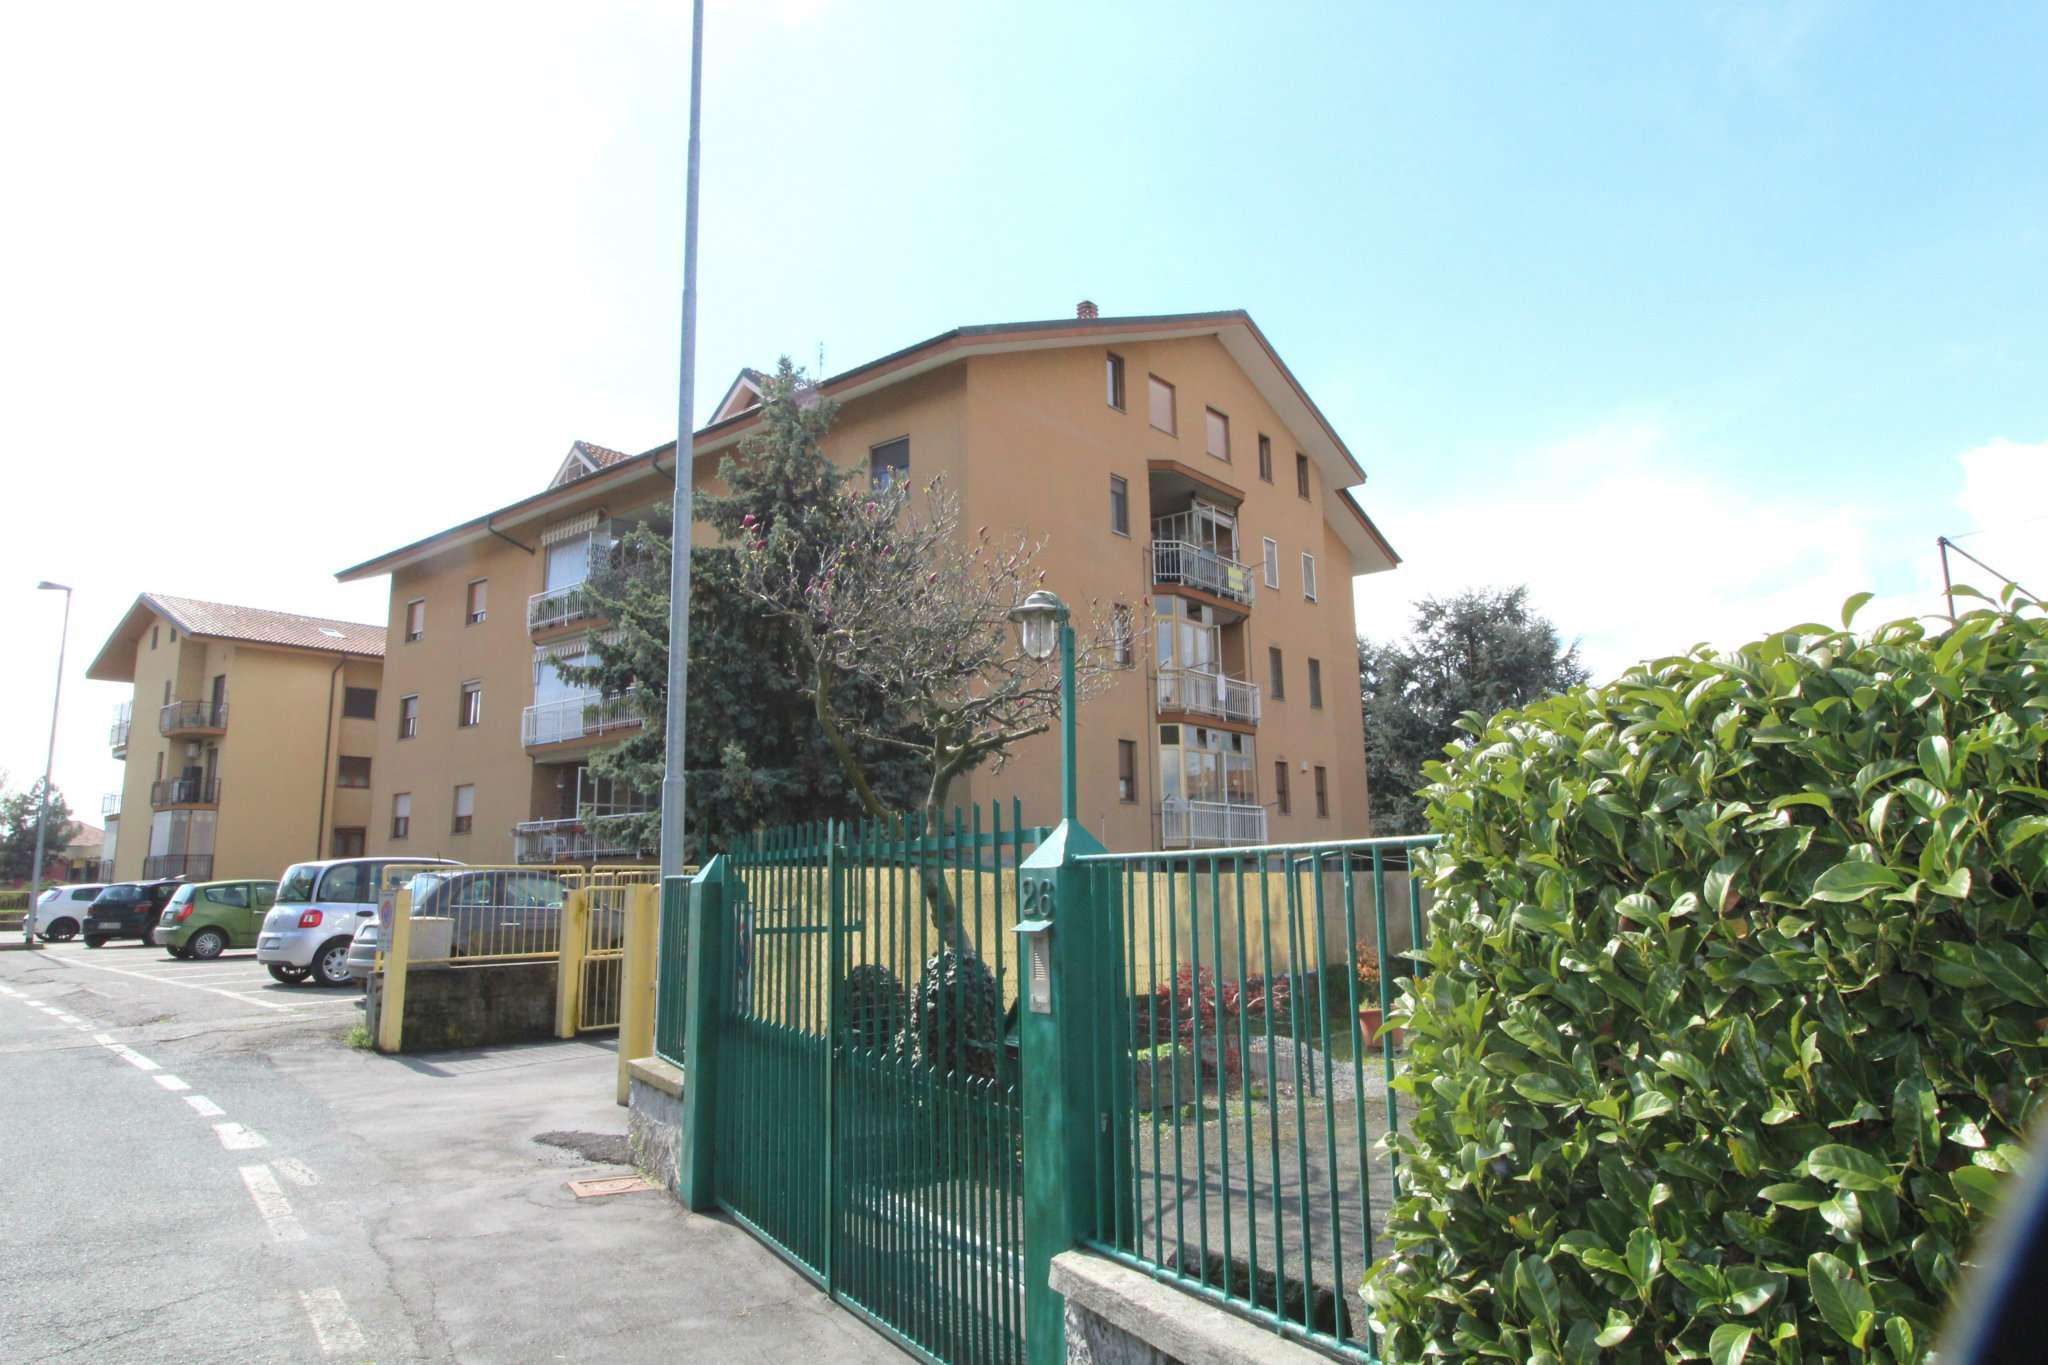 Appartamento in vendita a None, 5 locali, prezzo € 160.000 | CambioCasa.it